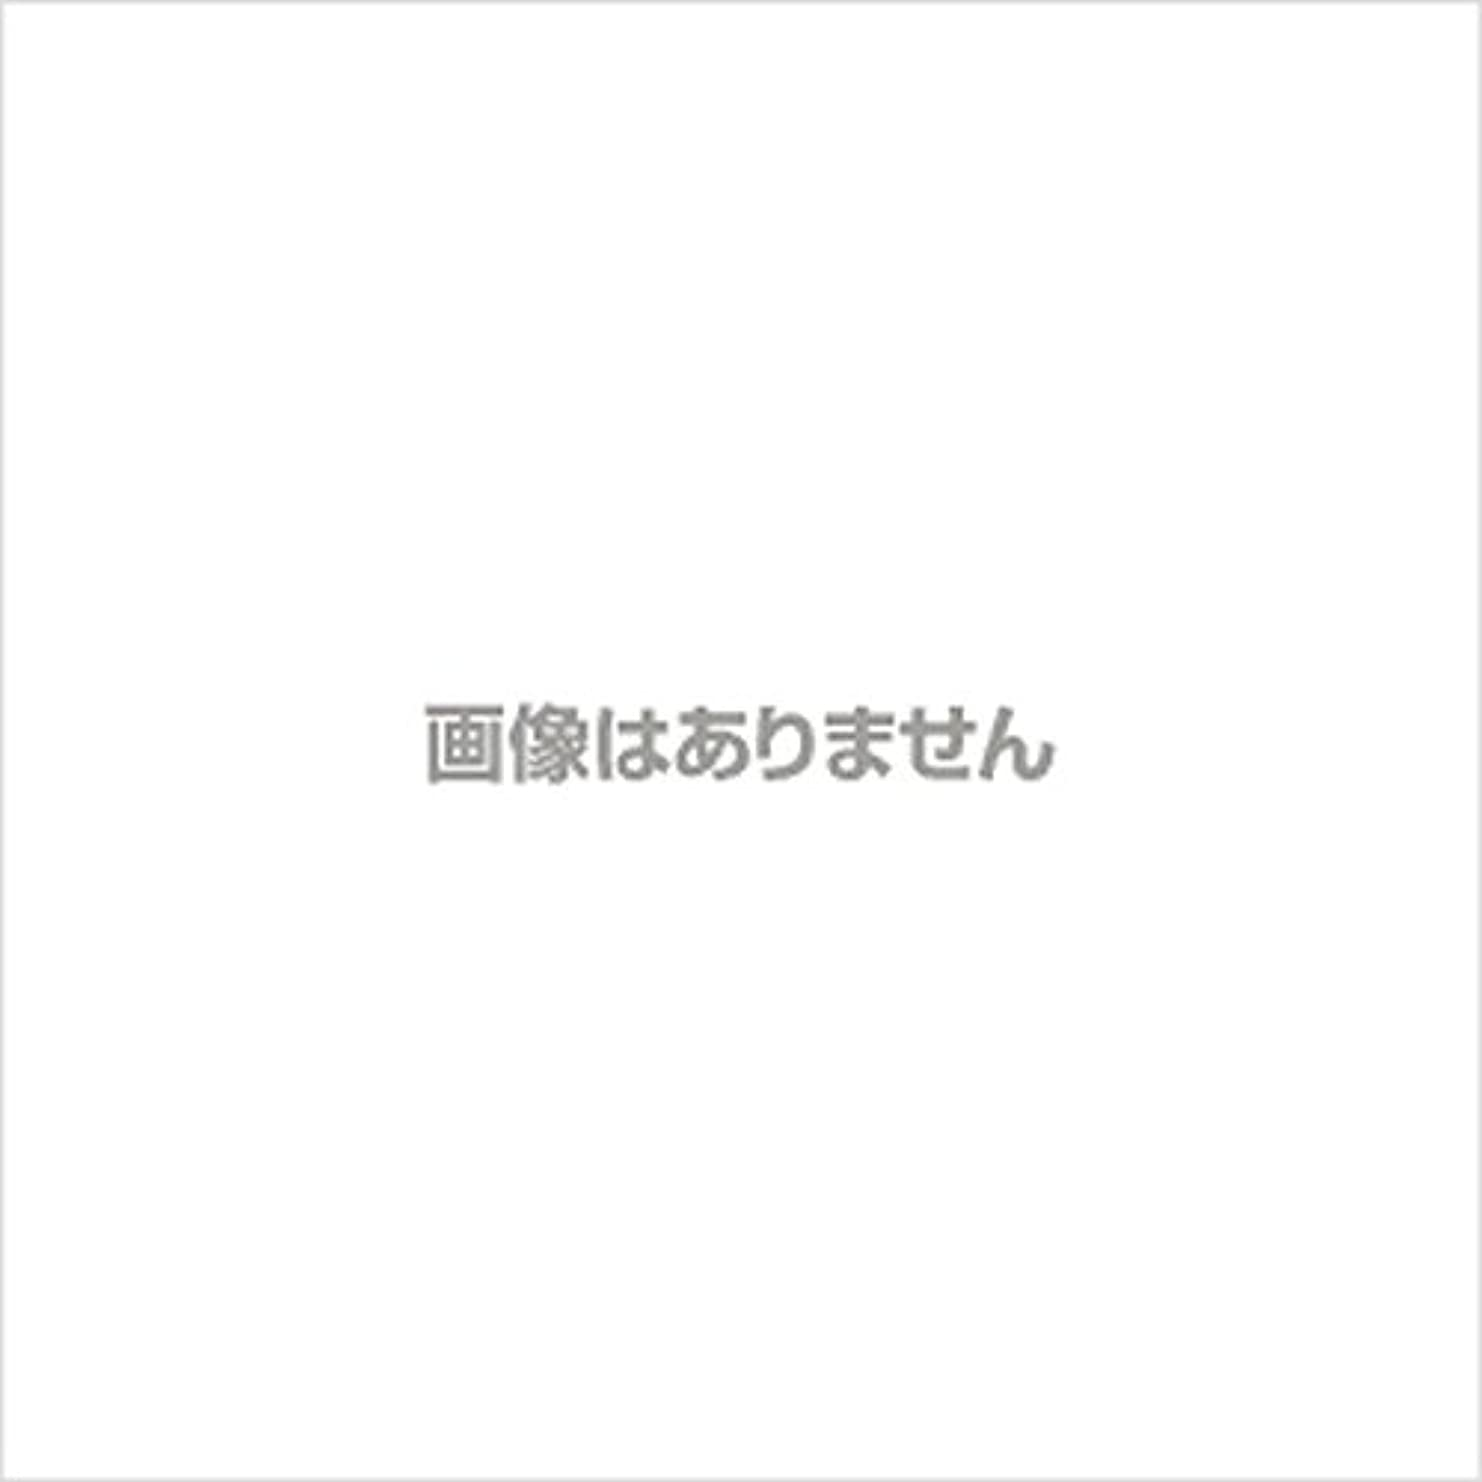 息を切らして歪める伝説【新発売】EBUKEA エブケアNO1004 プラスチックグローブ(パウダーフリー?粉なし)Sサイズ 100枚入(極薄?半透明)